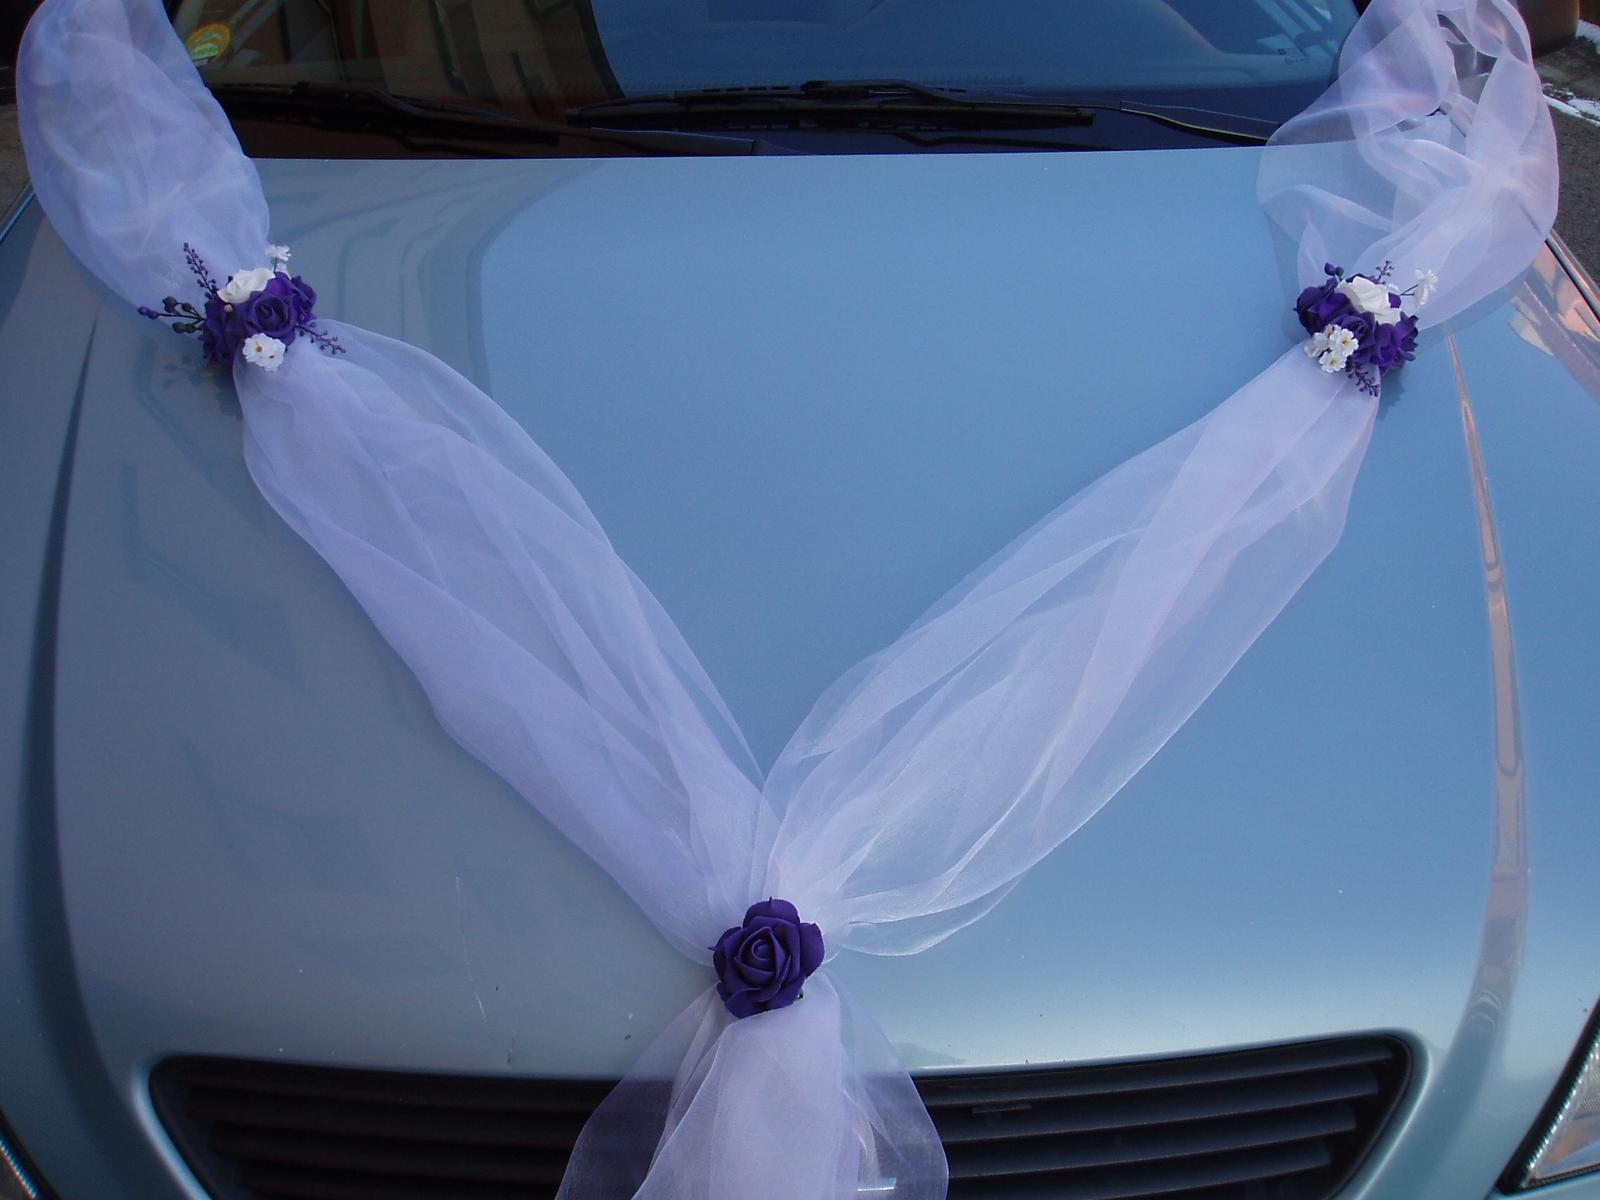 dvojšerpa na auto-fialová růže - Obrázek č. 1